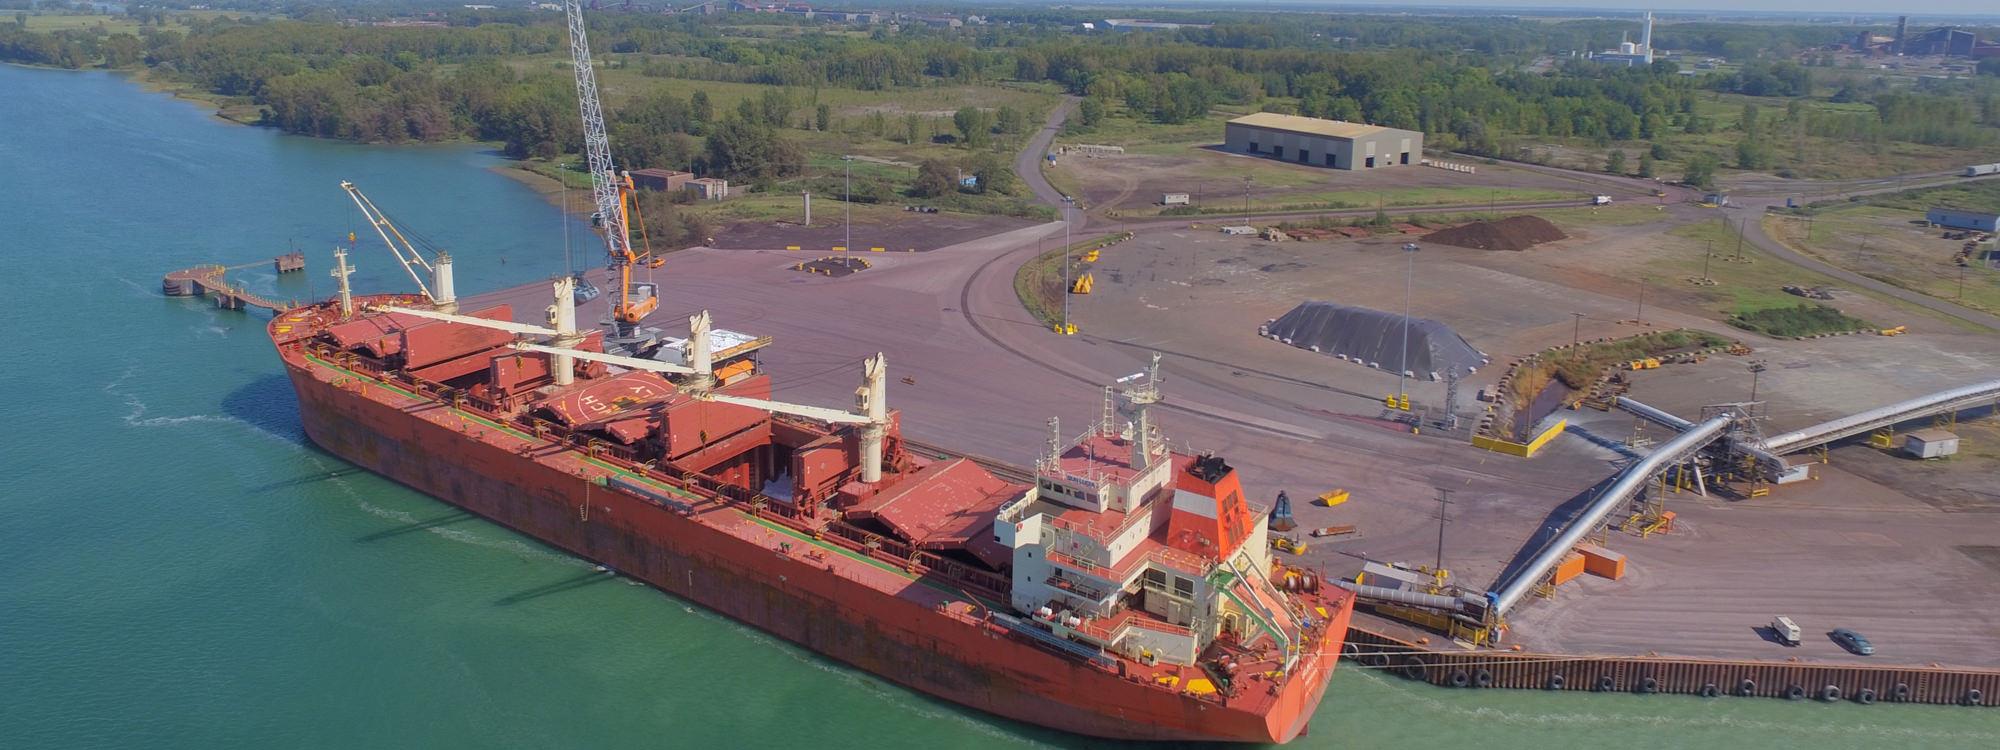 Le Port de Montréal est confiant de mettre en place des mesures environnementales adéquates